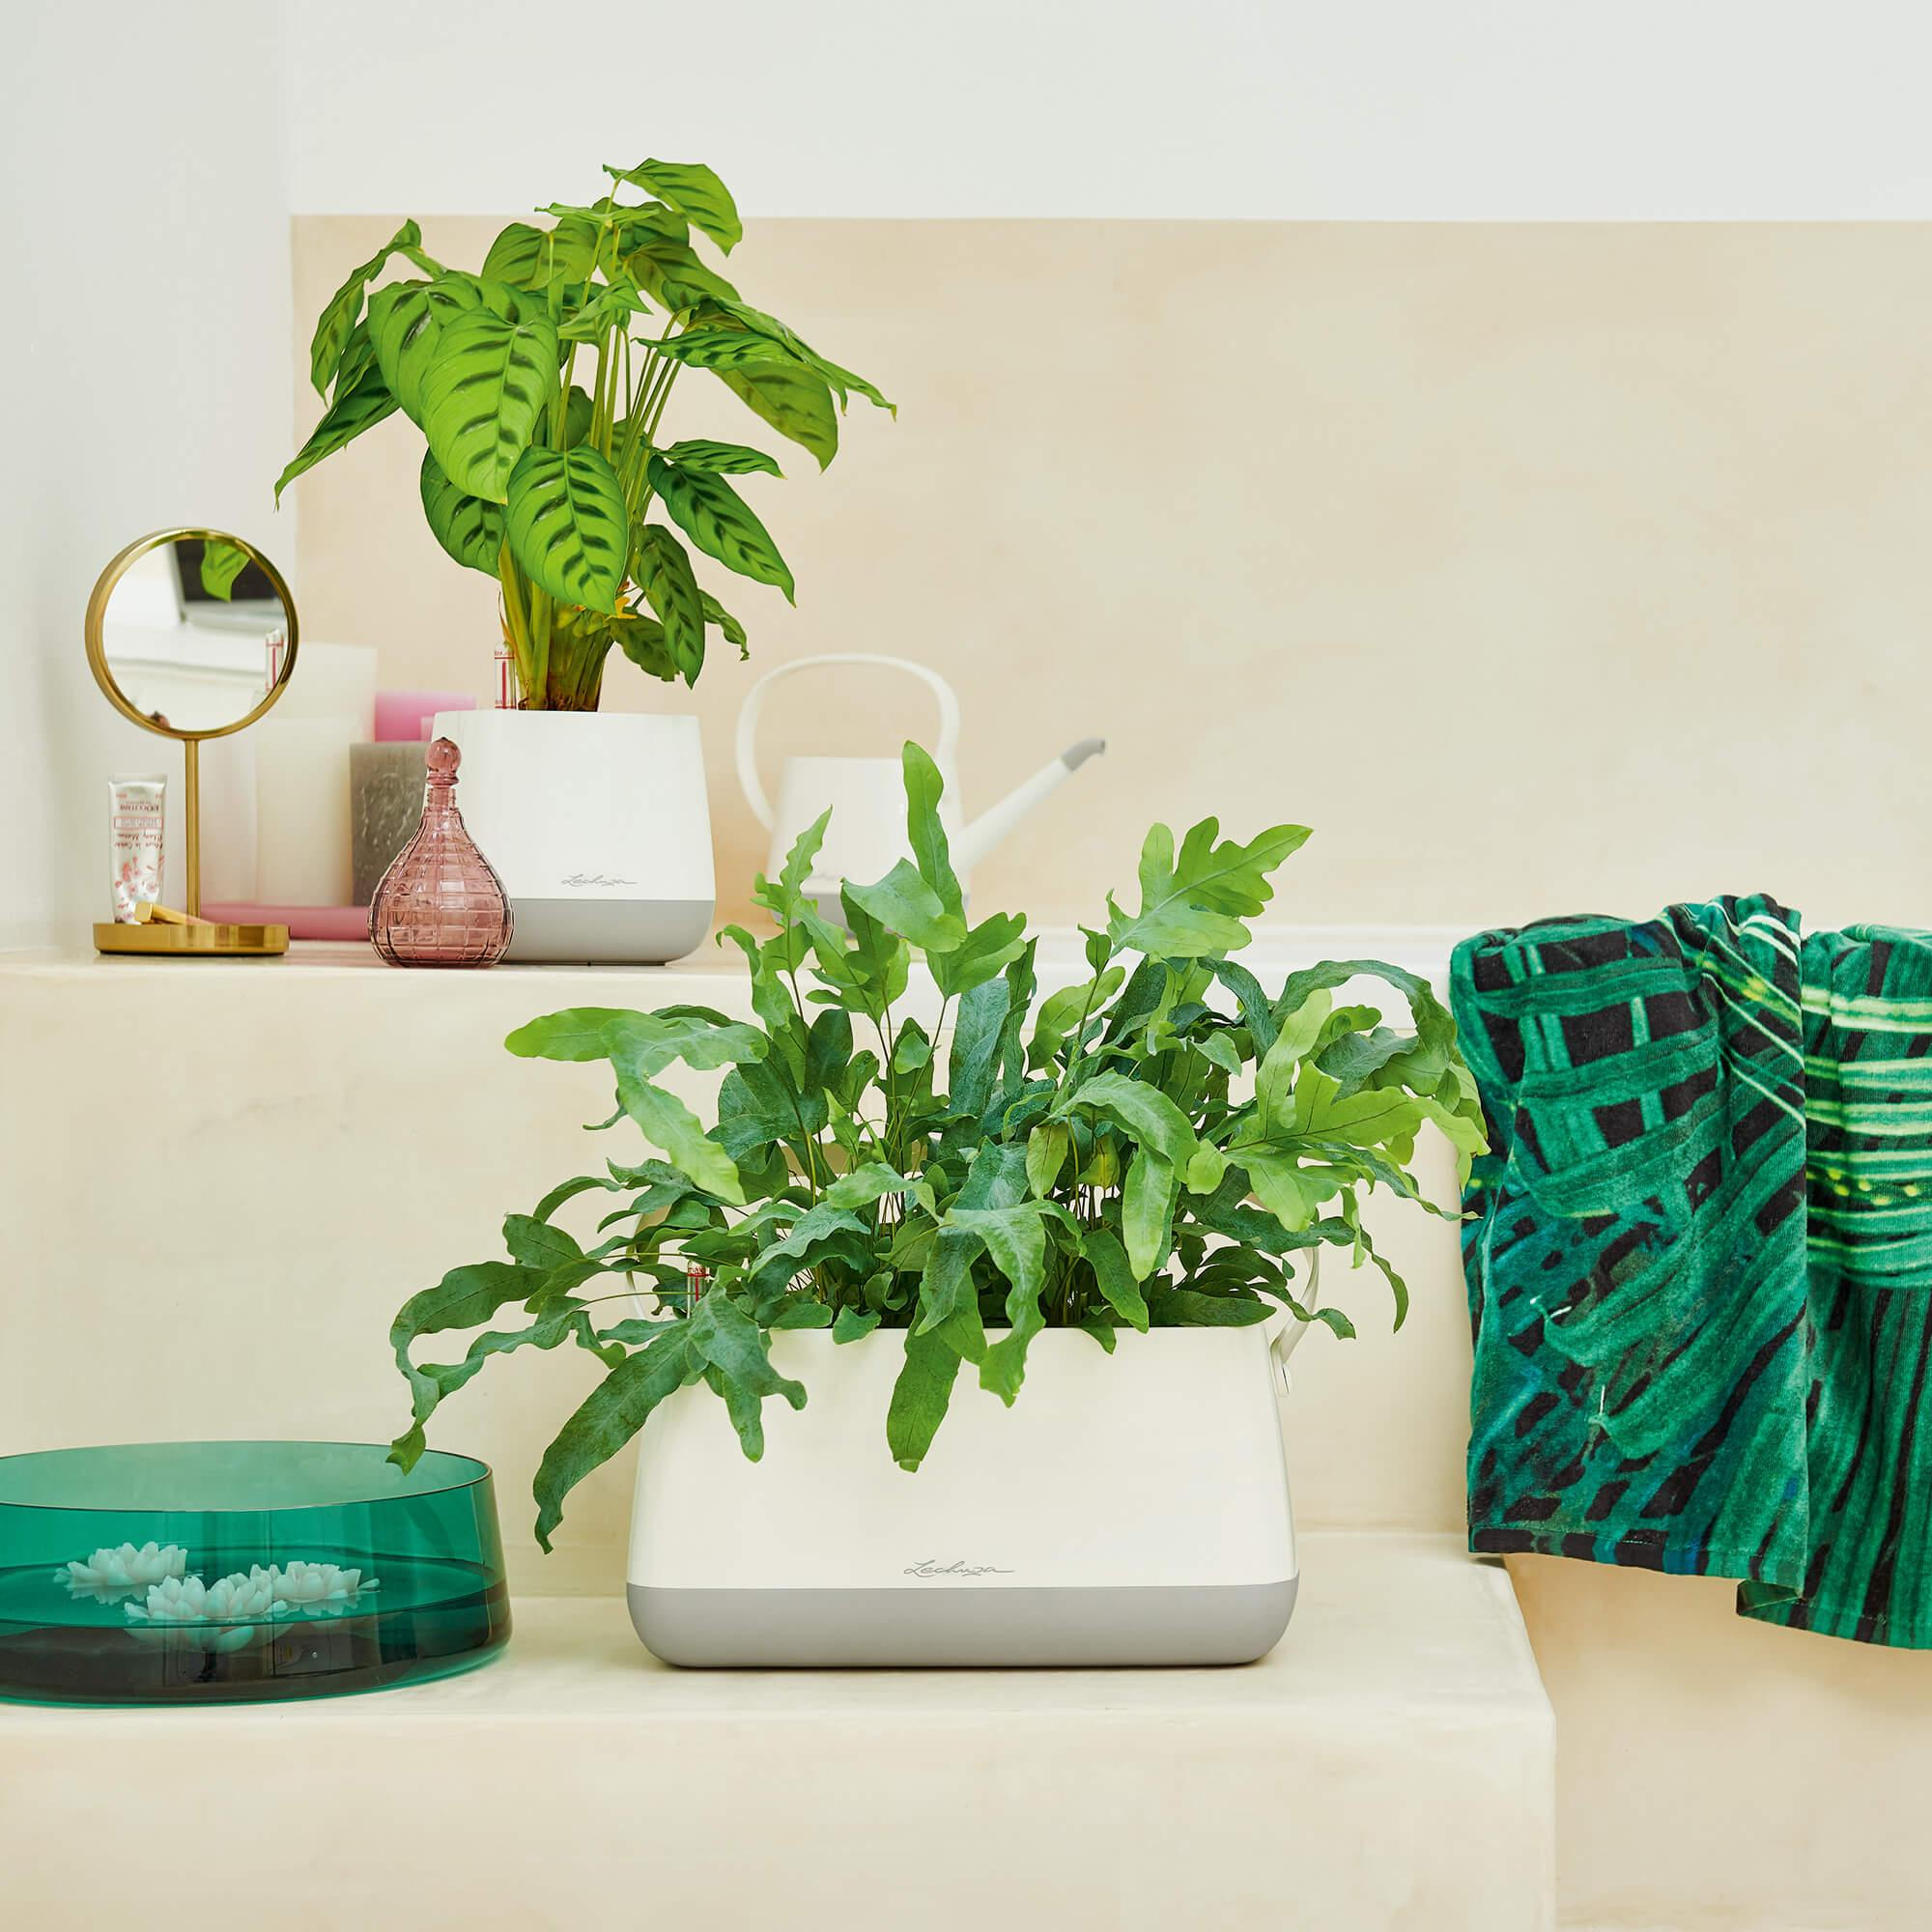 Корзинка для растений YULA белый/фисташковый - изображение 10